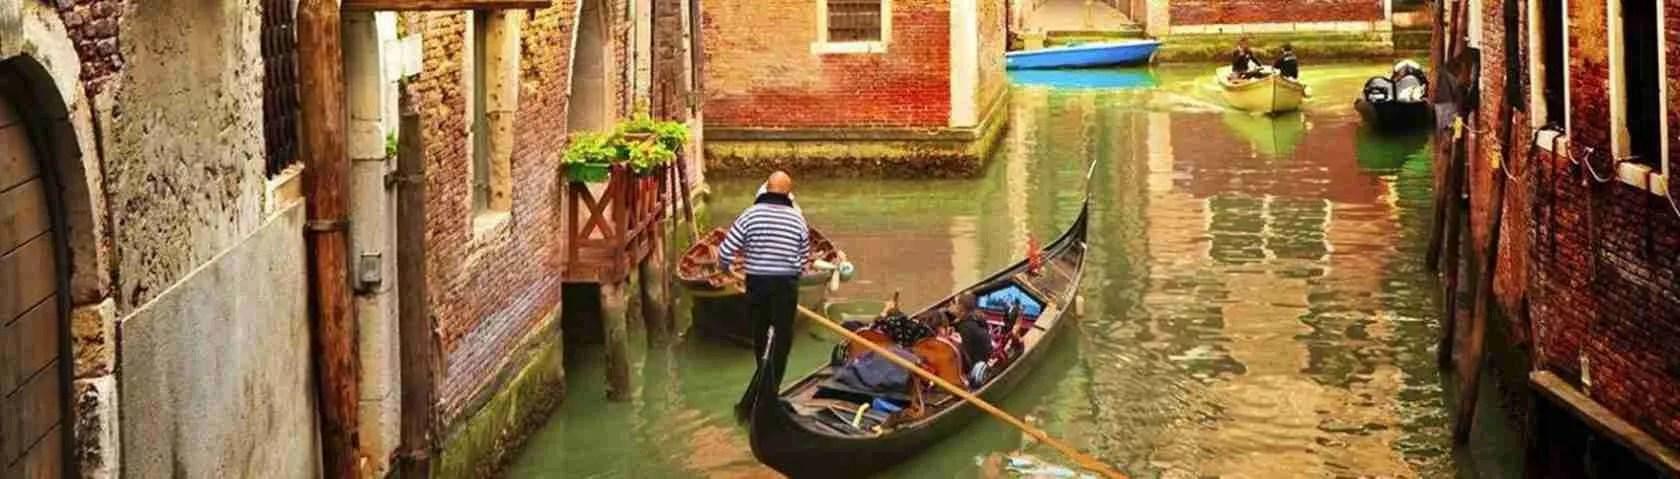 Le escort Venezia sono le attuali cortigiane che, un tempo, passeggiavano tra calli, campielli e ponti. Magica Escort